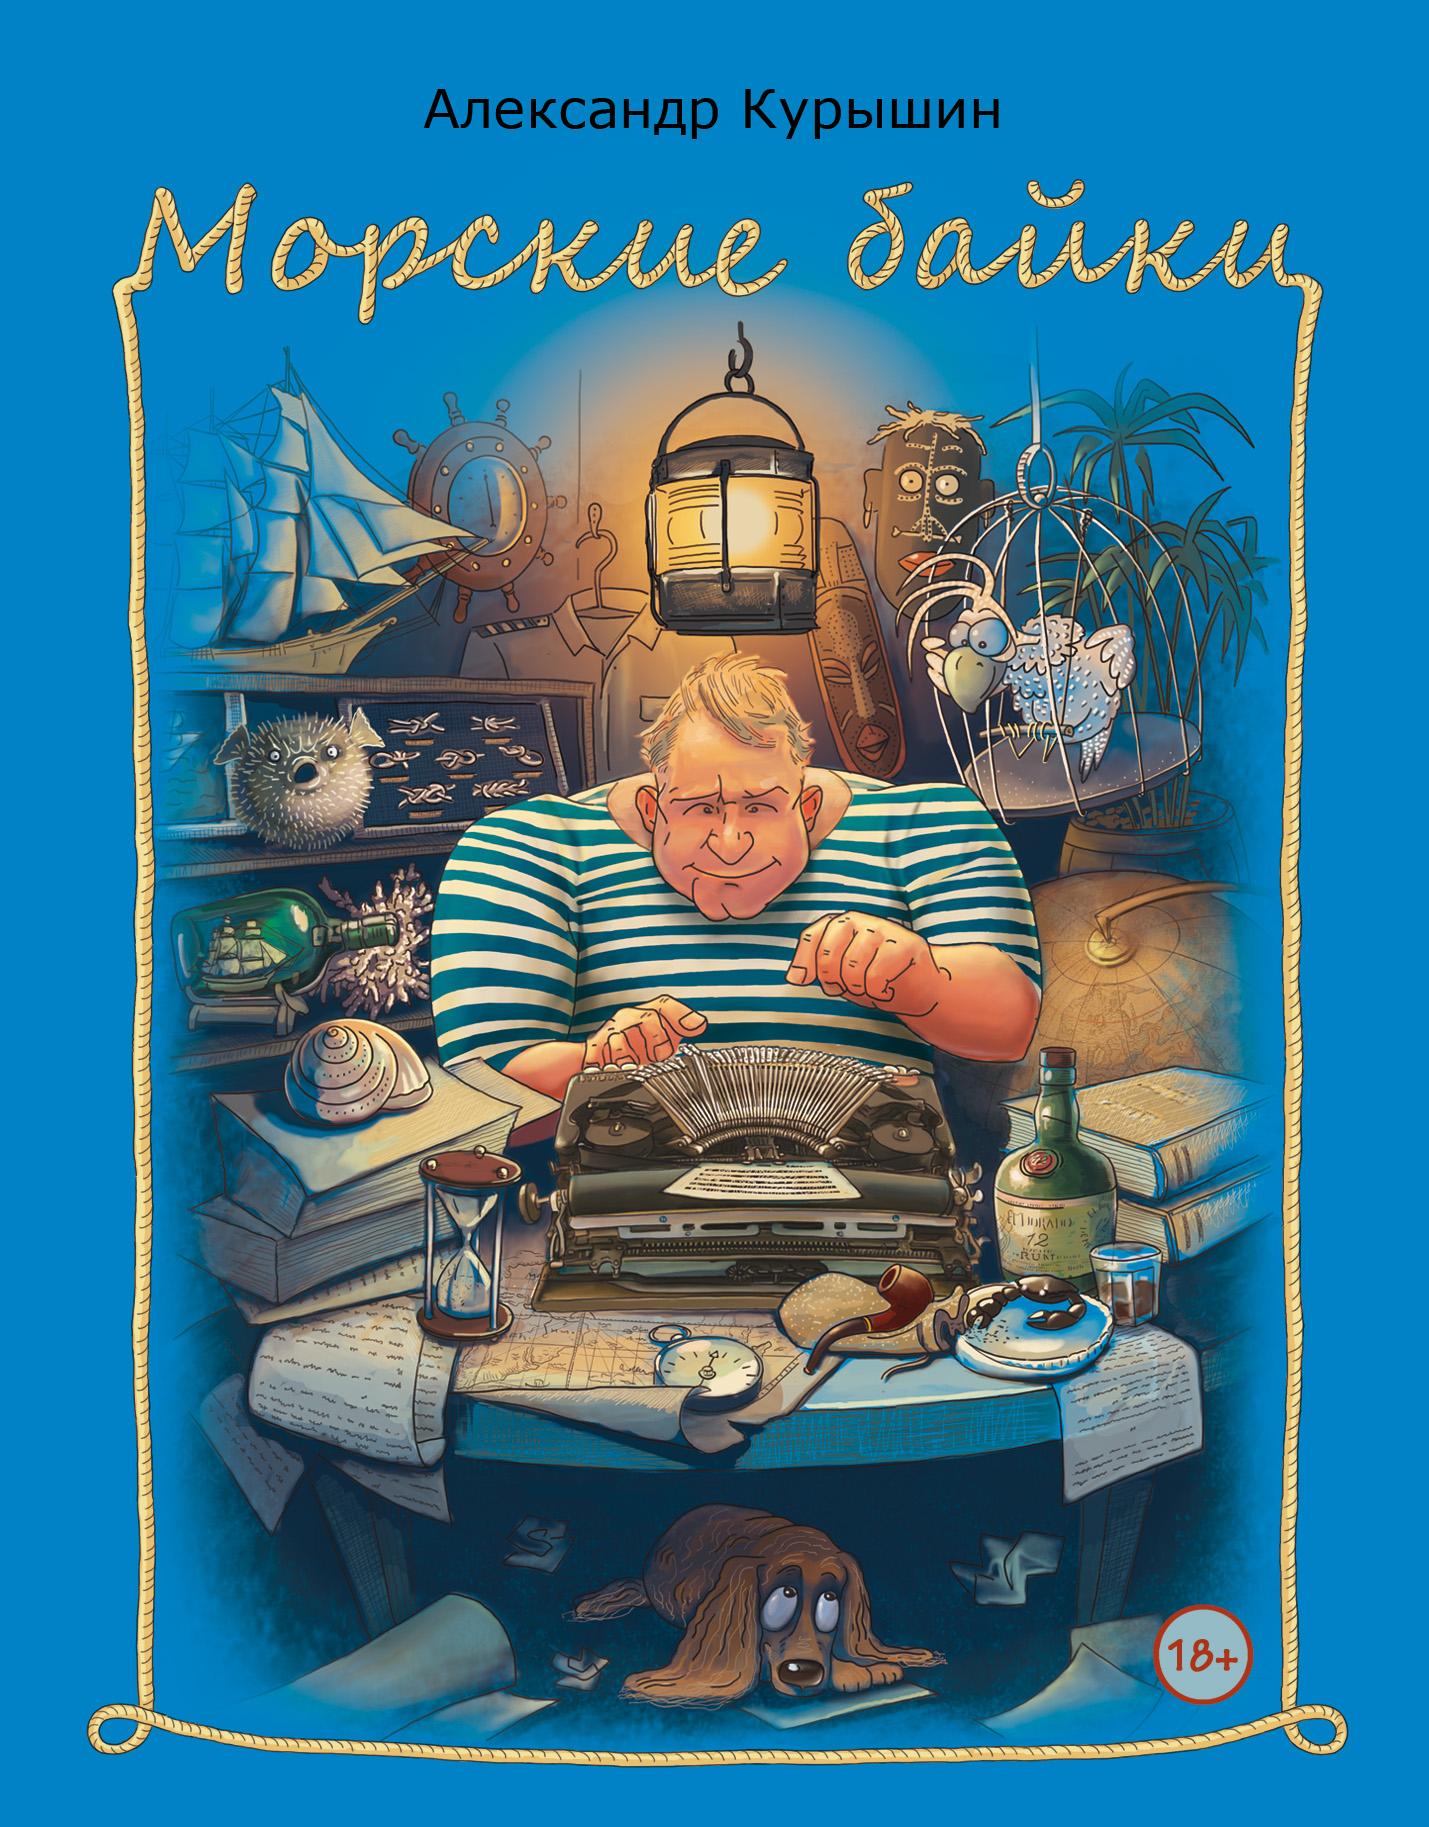 Александр Курышин Морские байки модноверие от страшного до смешного